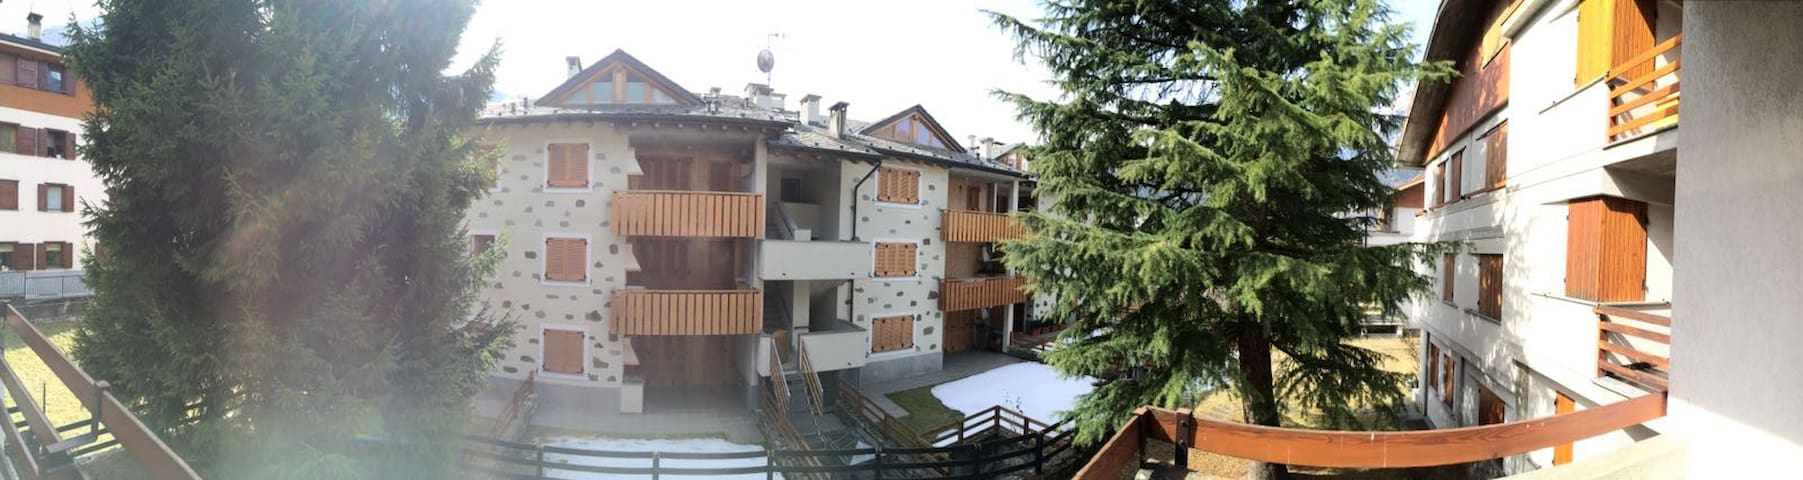 Ampio bilocale con terrazze - Caspoggio - Apartment